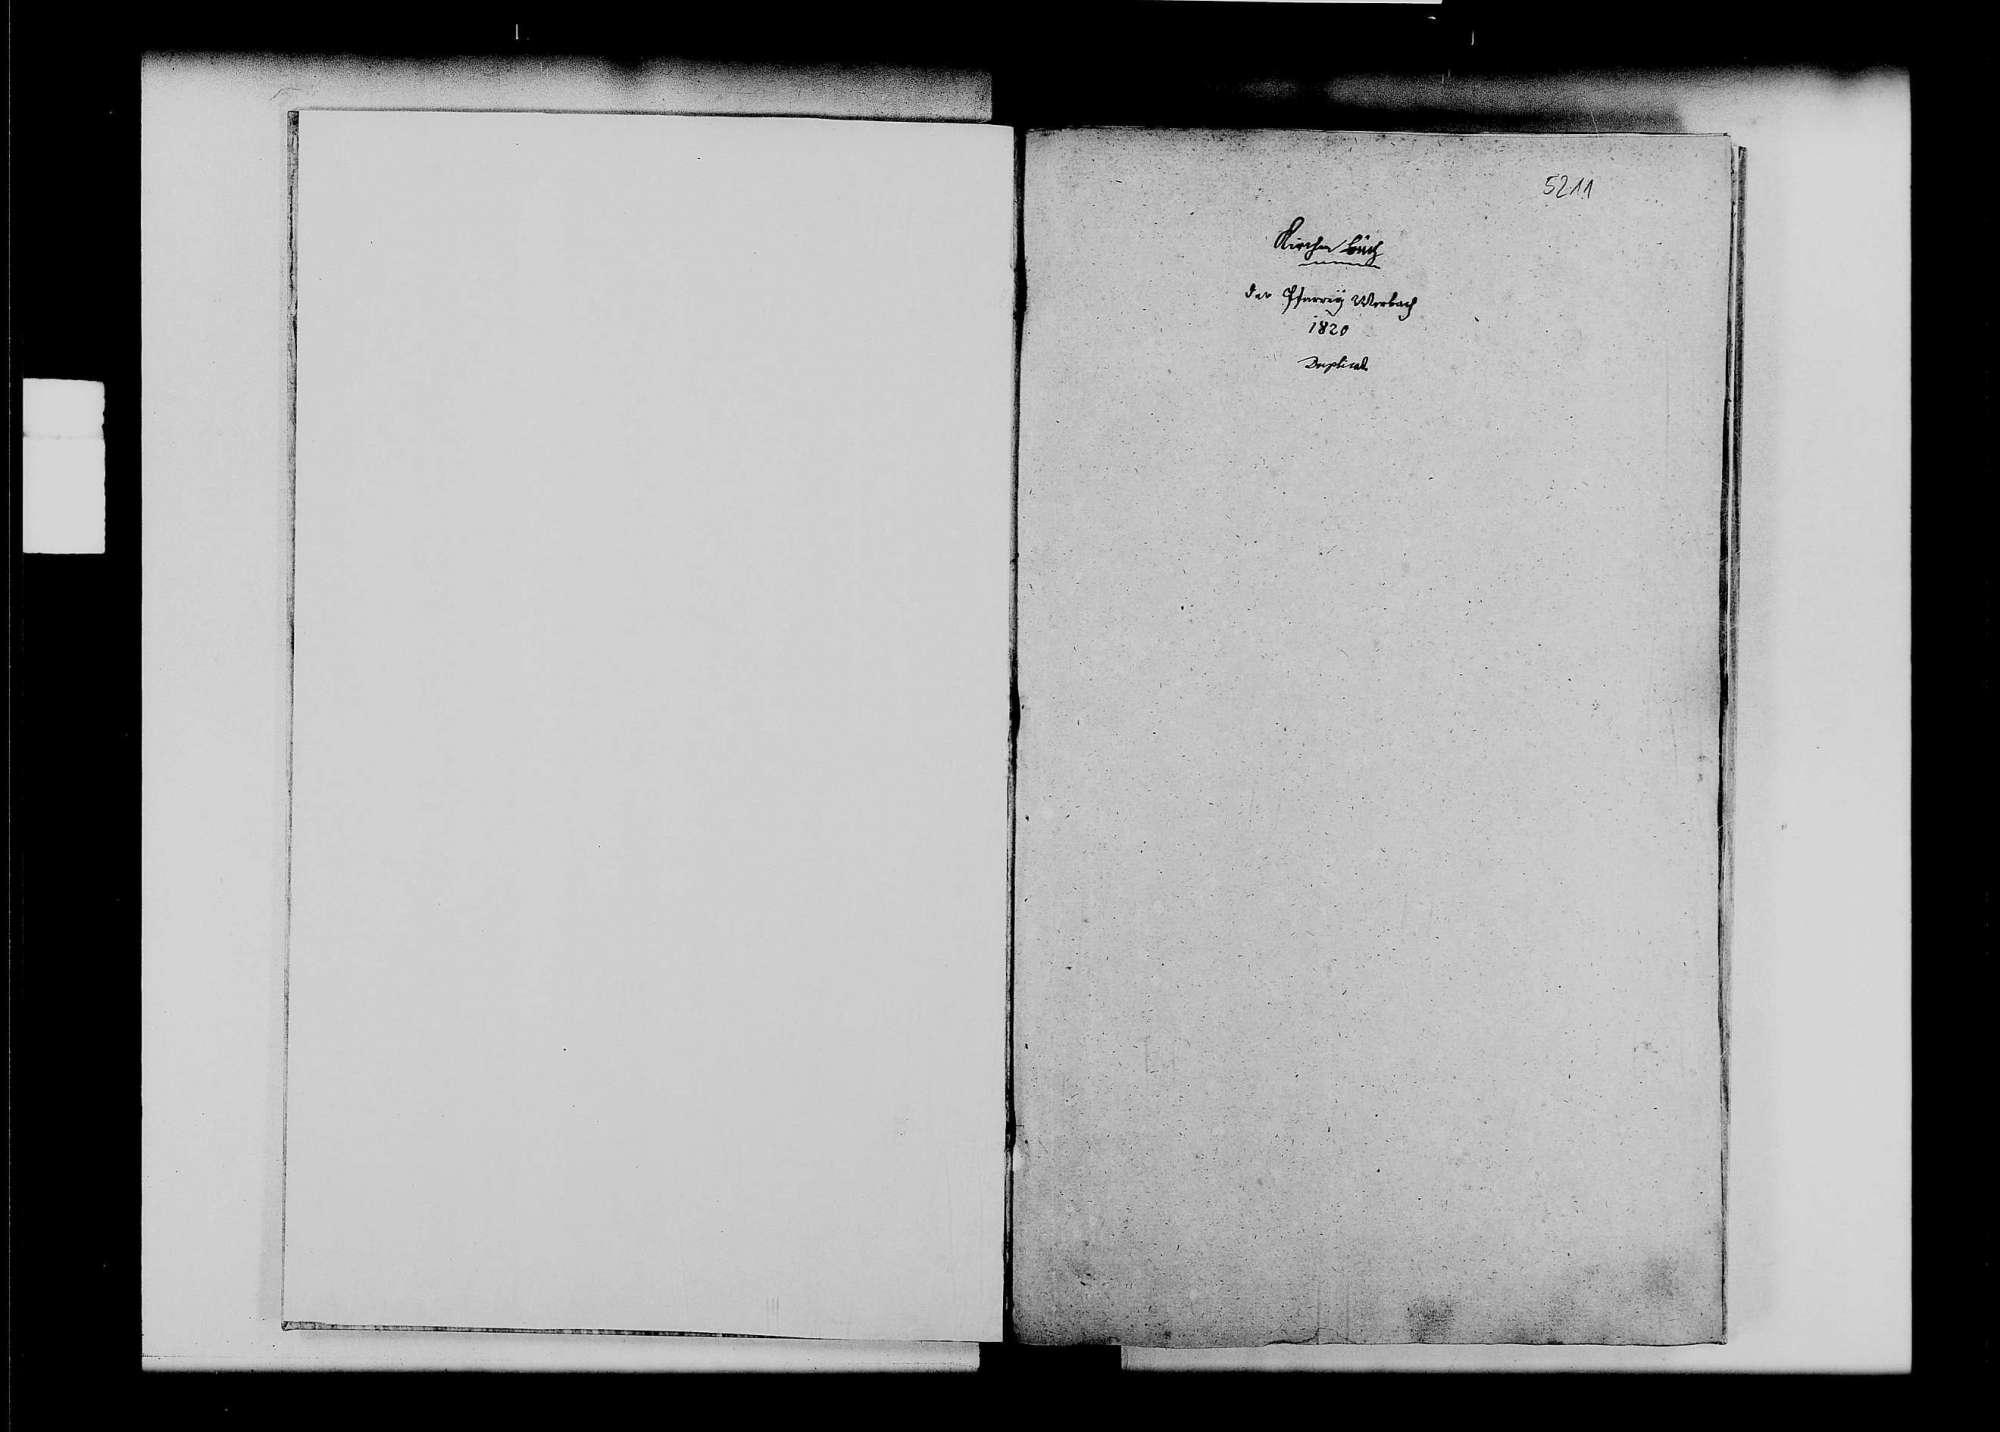 Werbach, katholische Gemeinde: Standesbuch 1820-1829, Bild 2